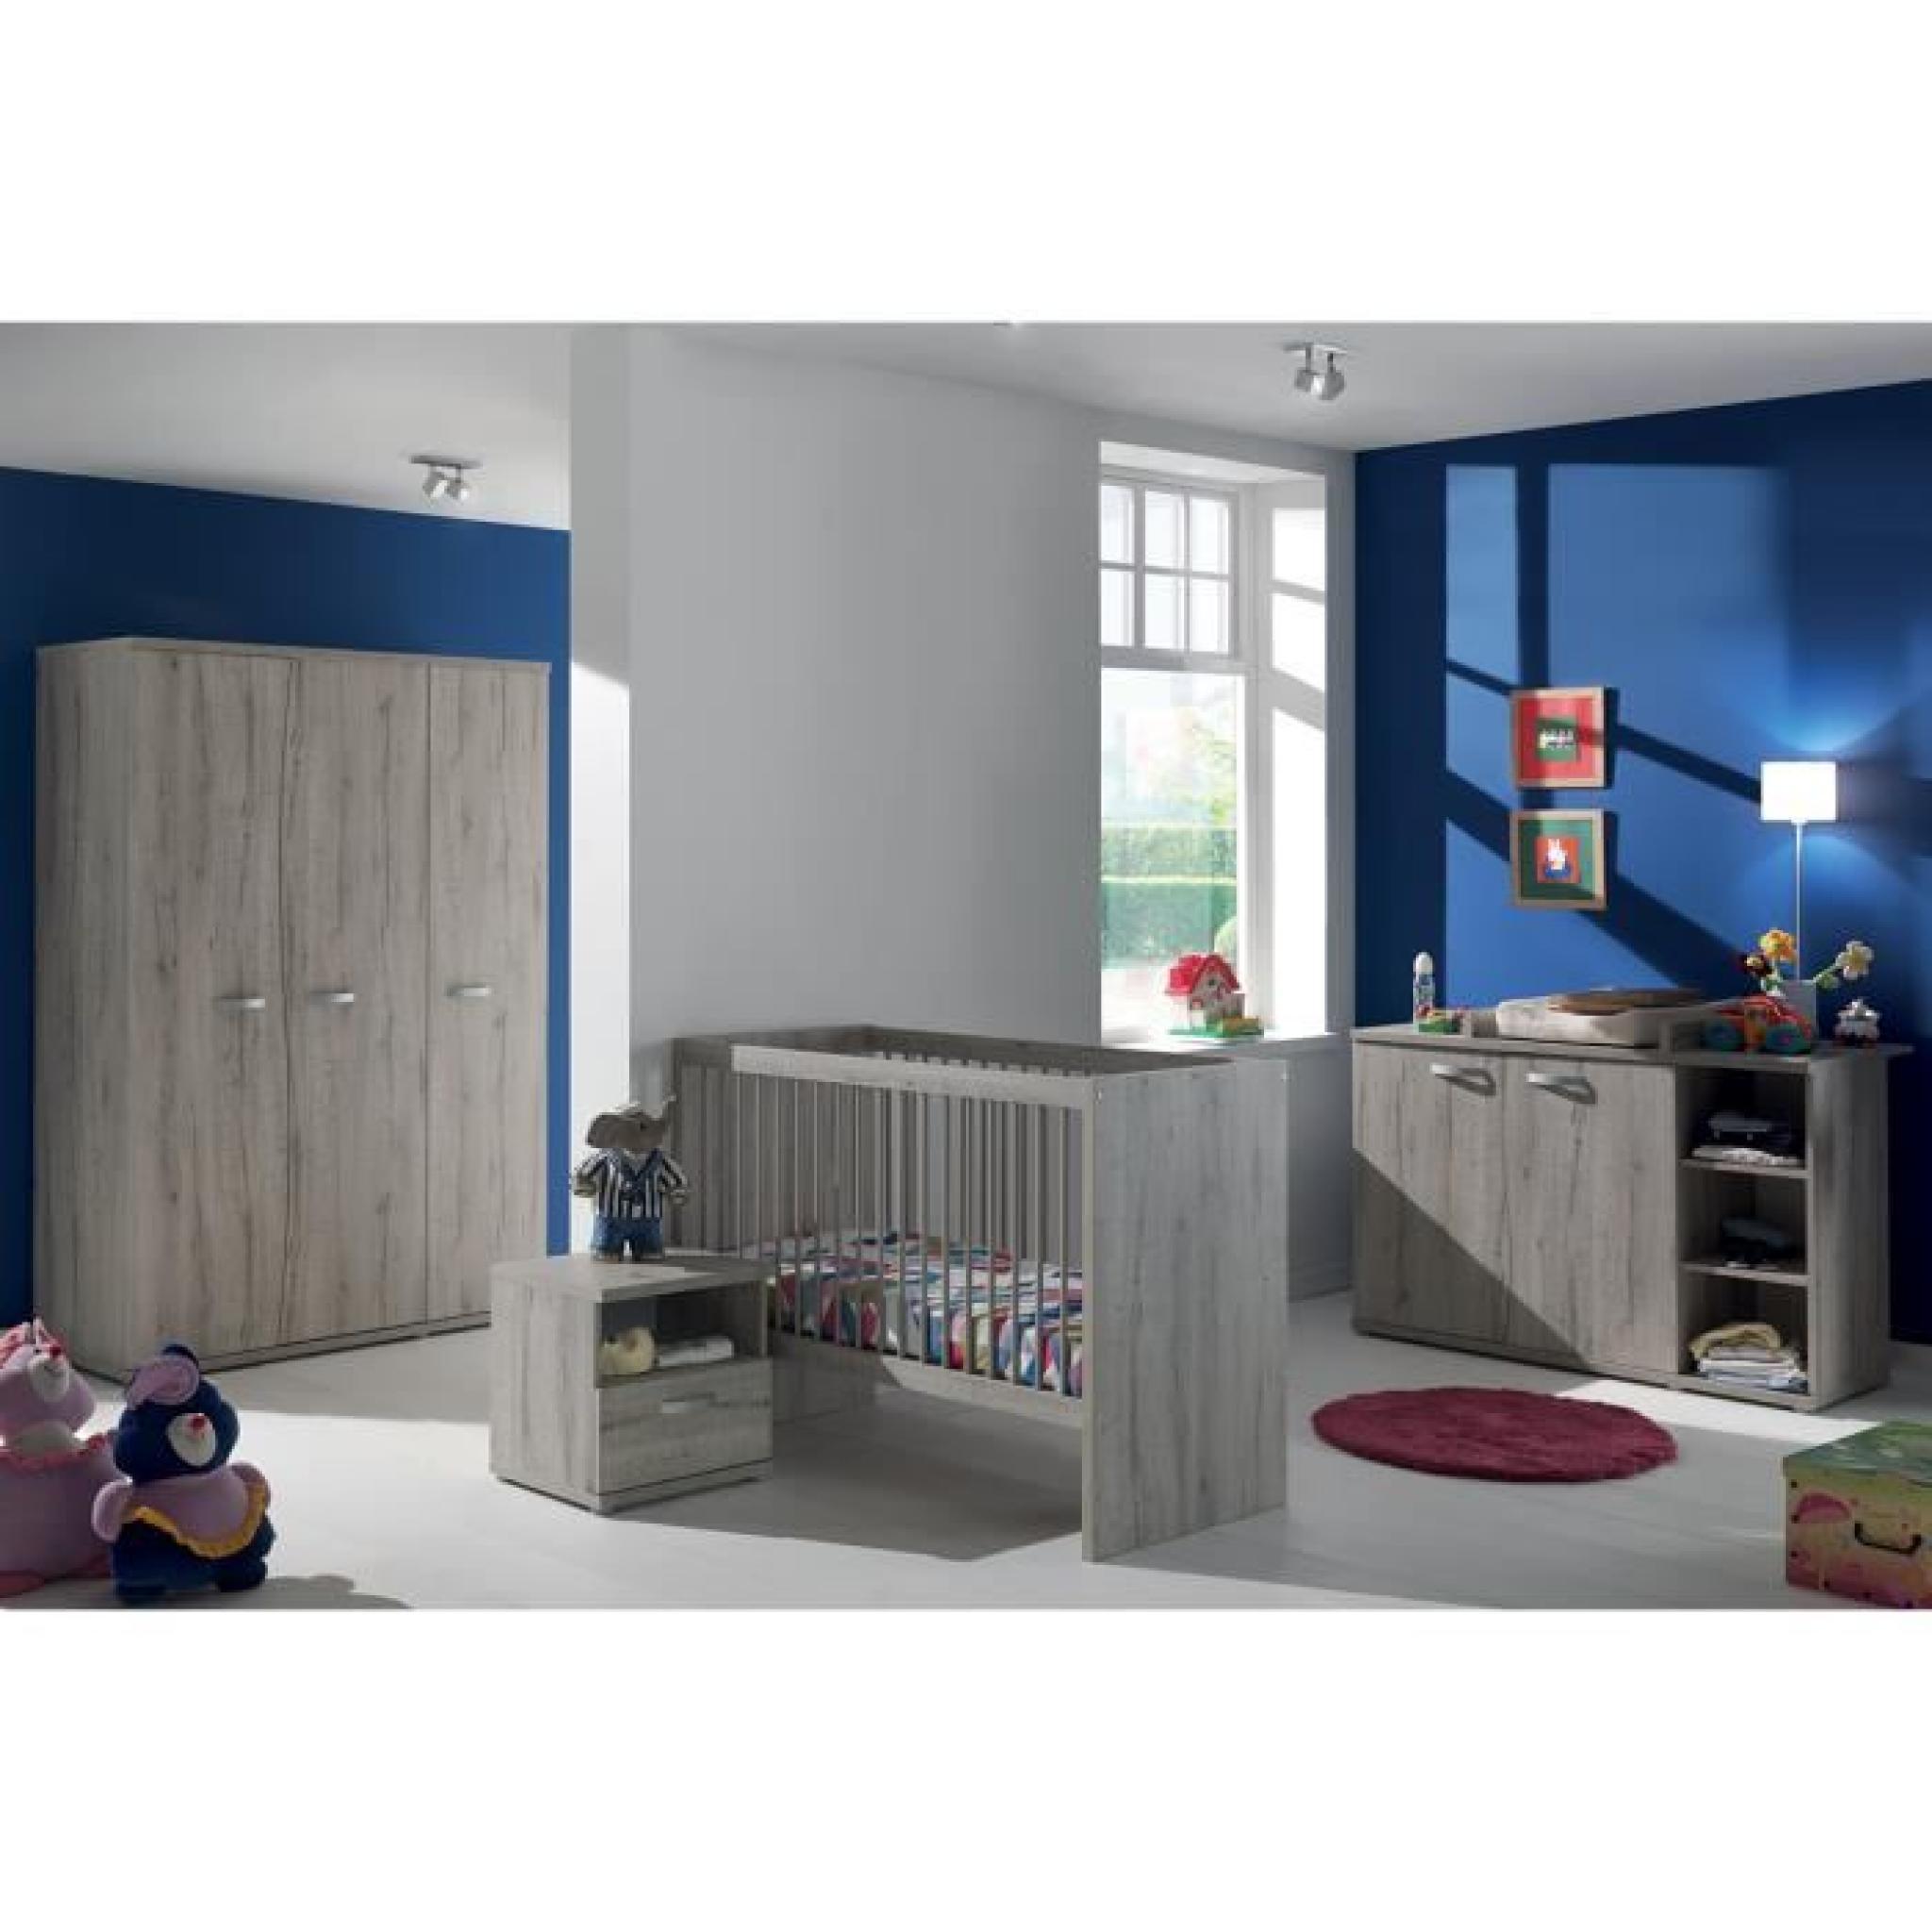 Armoire chambre bébé moderne 140cm 3 portes avec courbes coloris ...